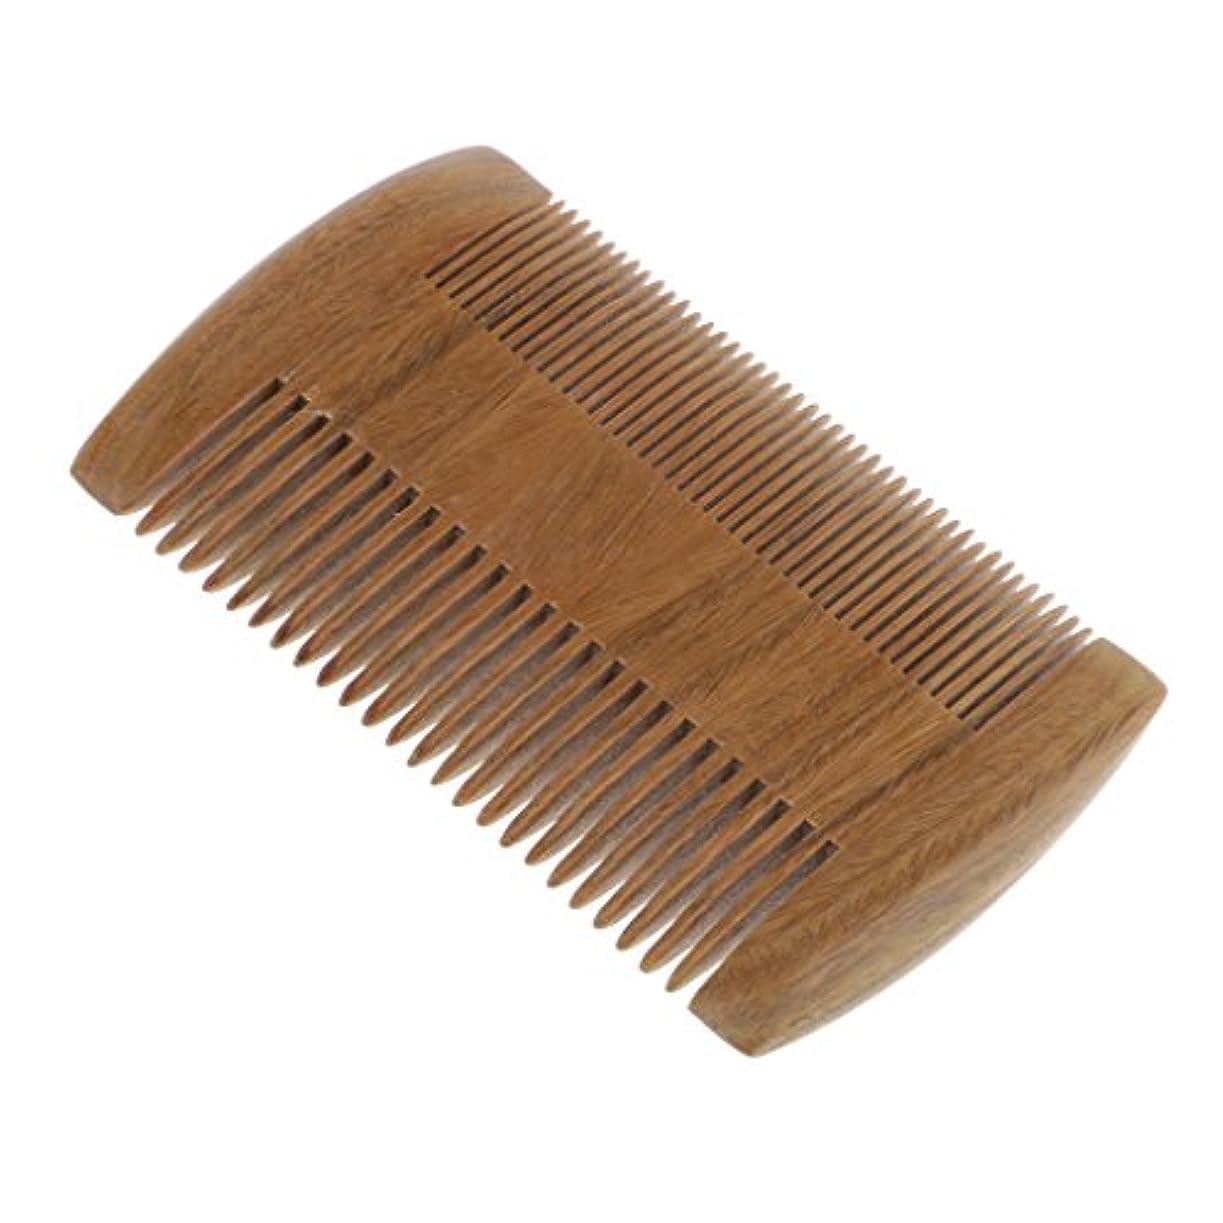 シンジケート国際ピービッシュ自然な緑の白檀の木製の櫛マッサージ手作りの髪の櫛静的でない - 9.7x6 cm